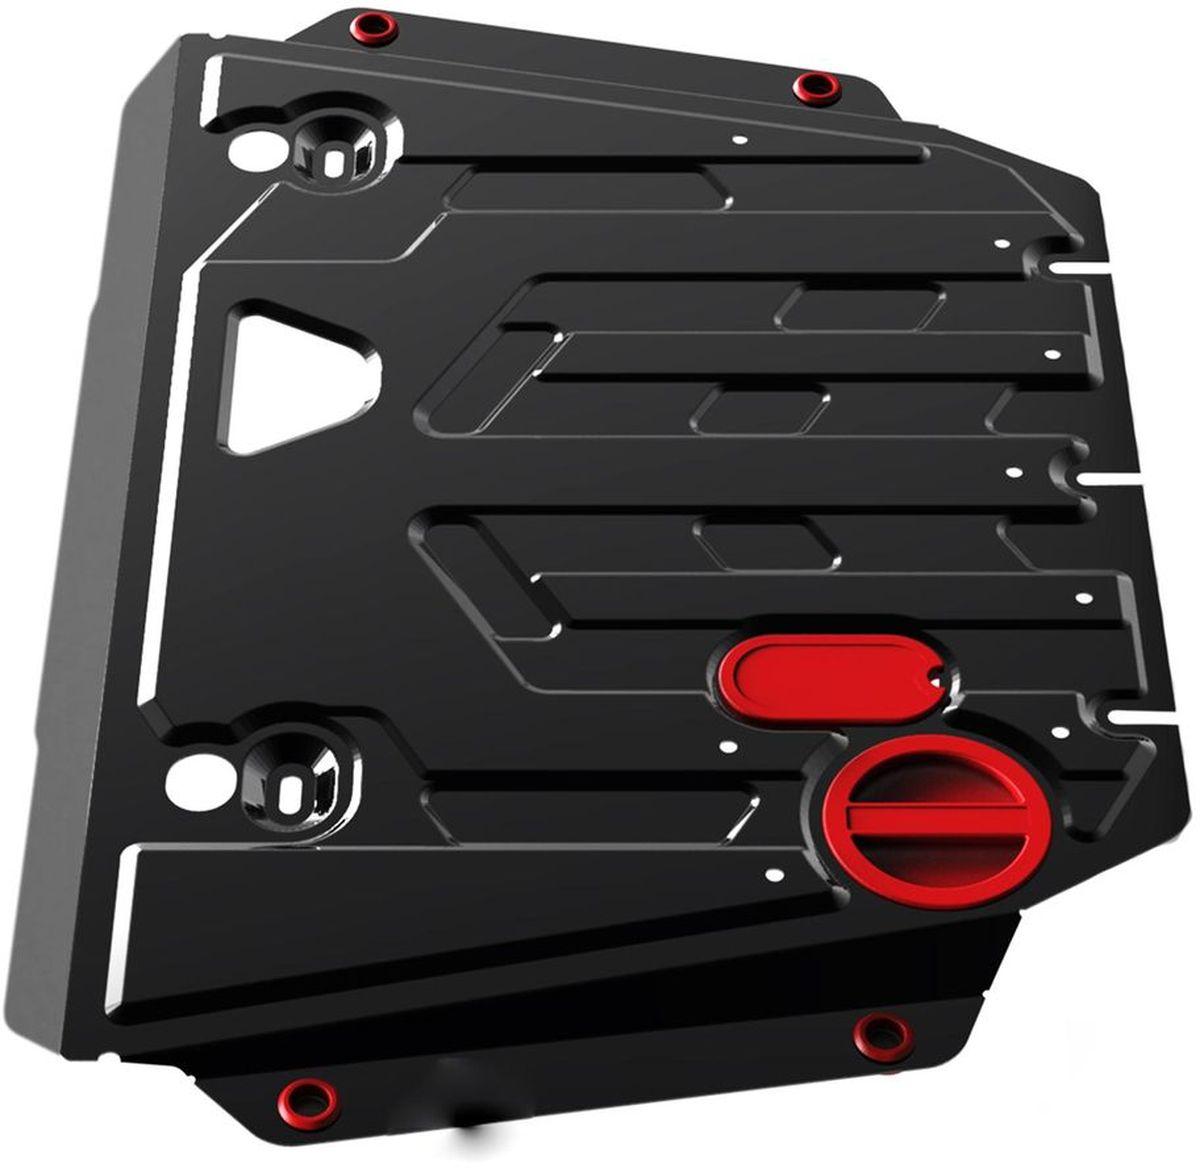 Защита картера и КПП Автоброня, для Hyundai Sonata NF V - 2,0; 2,4 (2005-2010)111.02311.1Технологически совершенный продукт за невысокую стоимость. Защита разработана с учетом особенностей днища автомобиля, что позволяет сохранить дорожный просвет с минимальным изменением. Защита устанавливается в штатные места кузова автомобиля. Глубокий штамп обеспечивает до двух раз больше жесткости в сравнении с обычной защитой той же толщины. Проштампованные ребра жесткости препятствуют деформации защиты при ударах. Тепловой зазор и вентиляционные отверстия обеспечивают сохранение температурного режима двигателя в норме. Скрытый крепеж предотвращает срыв крепежных элементов при наезде на препятствие. Шумопоглощающие резиновые элементы обеспечивают комфортную езду без вибраций и скрежета металла, а съемные лючки для слива масла и замены фильтра - экономию средств и время. Конструкция изделия не влияет на пассивную безопасность автомобиля (при ударе защита не воздействует на деформационные зоны кузова). Со штатным крепежом. В комплекте инструкция по установке....